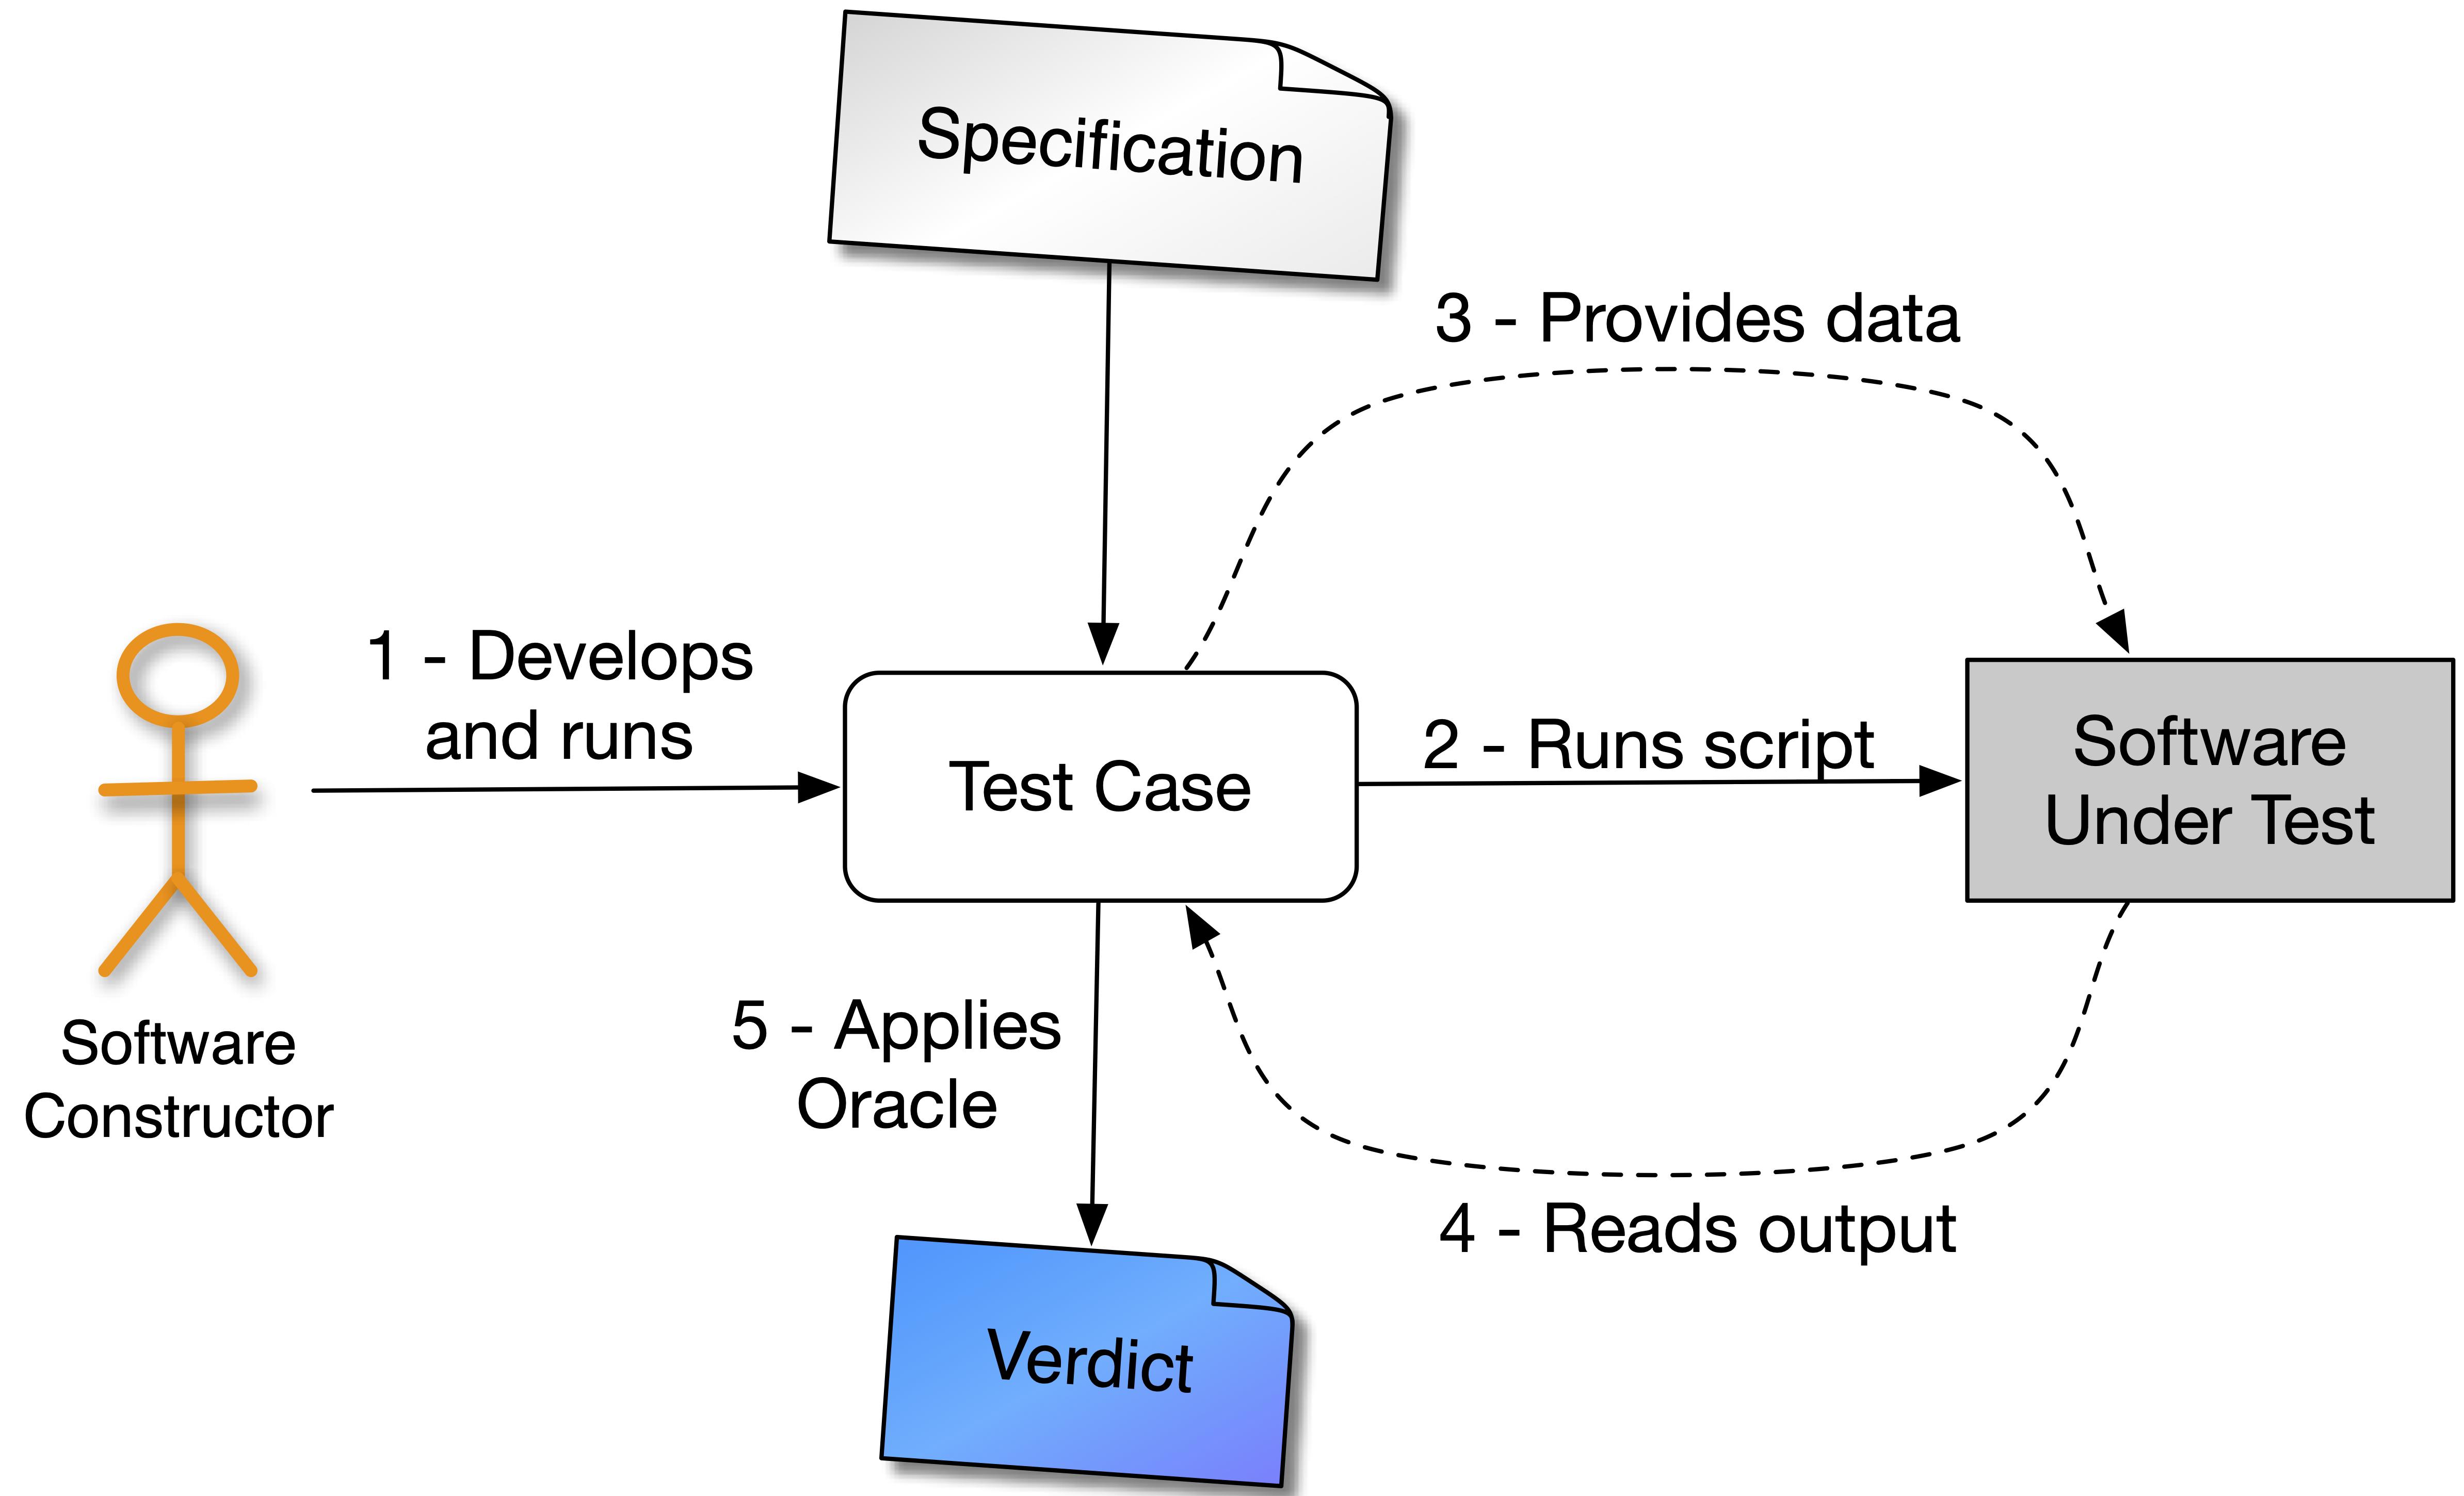 src/images/dynamic-test-case.png